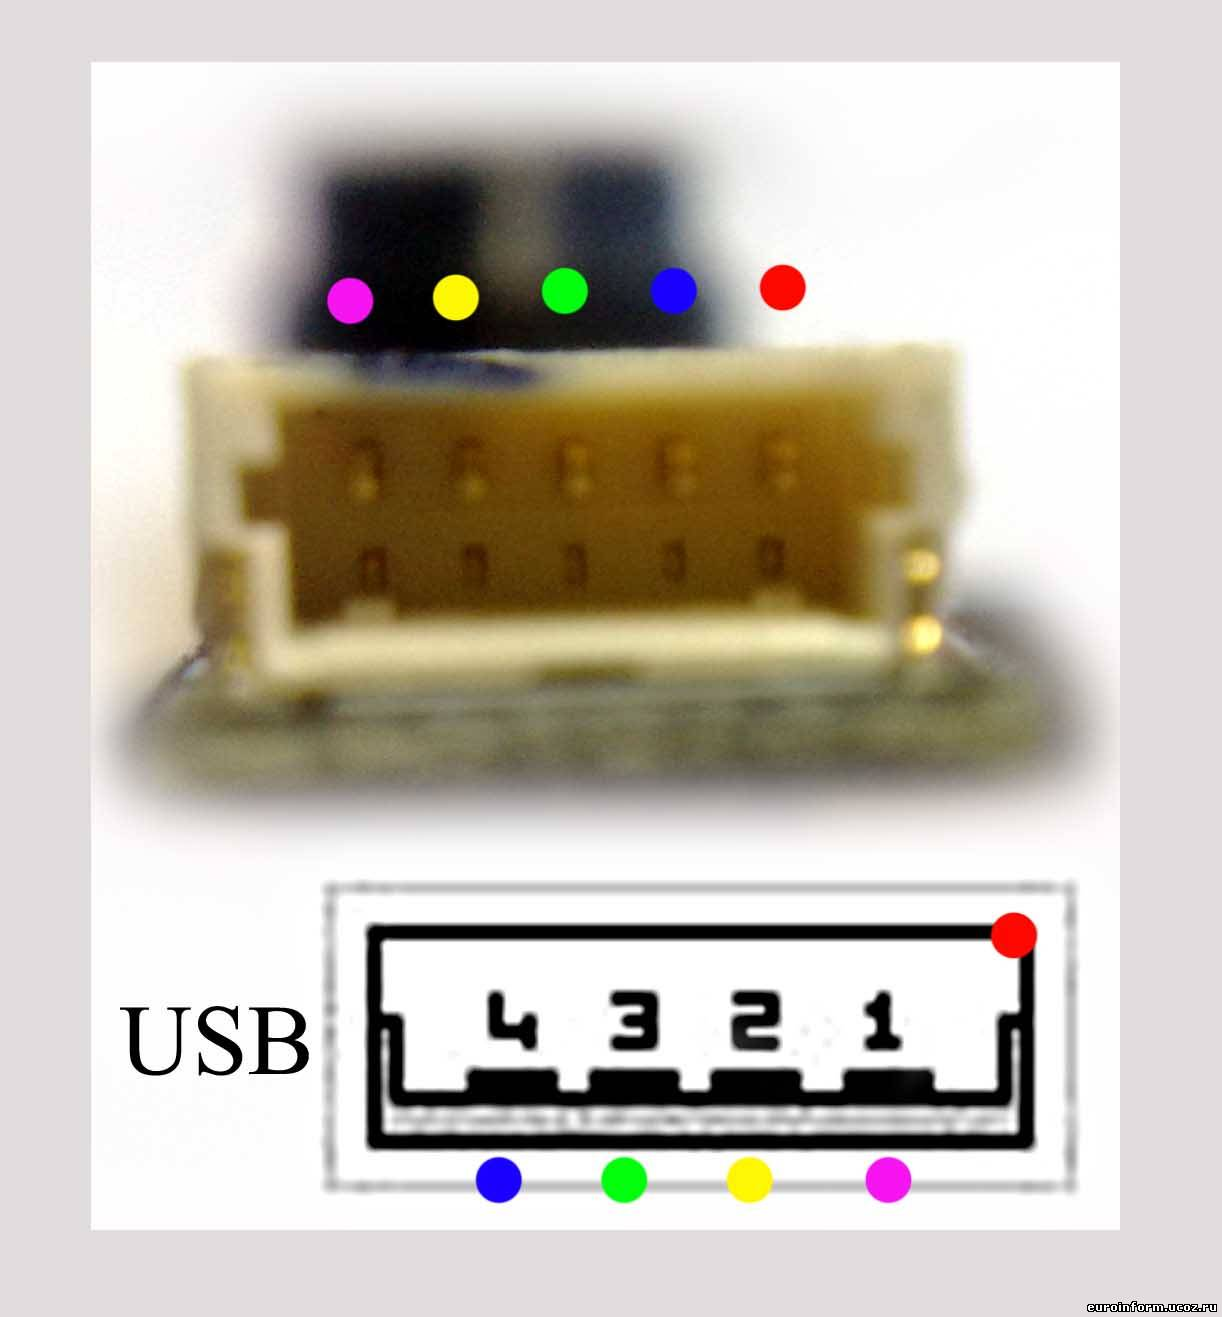 Сделать камеру как веб камеру через usb